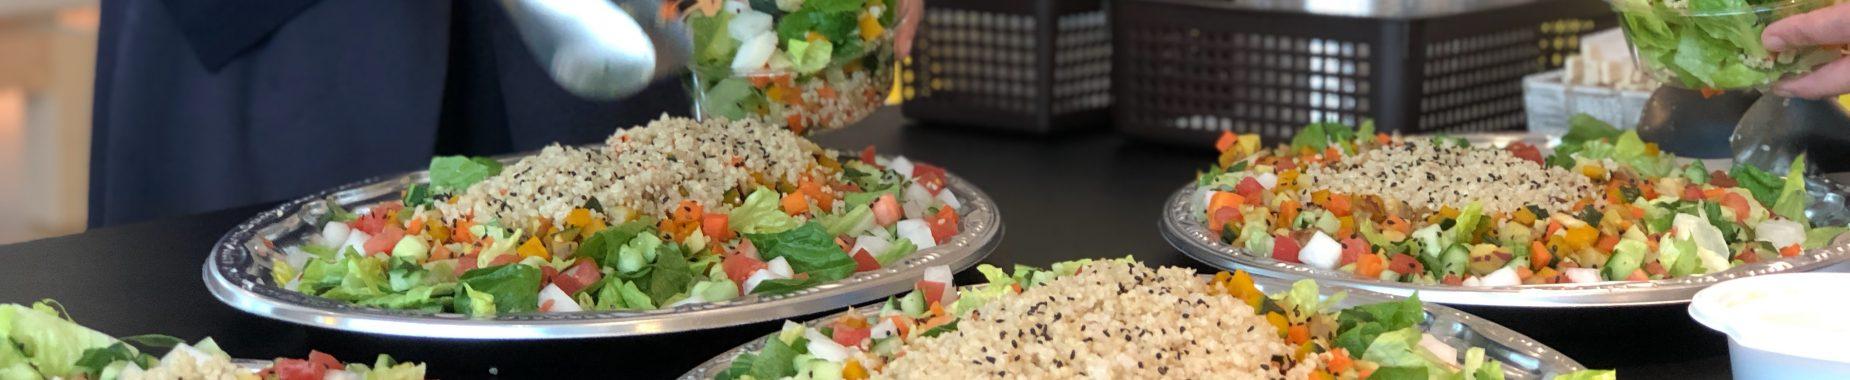 Salat i en sund kantine